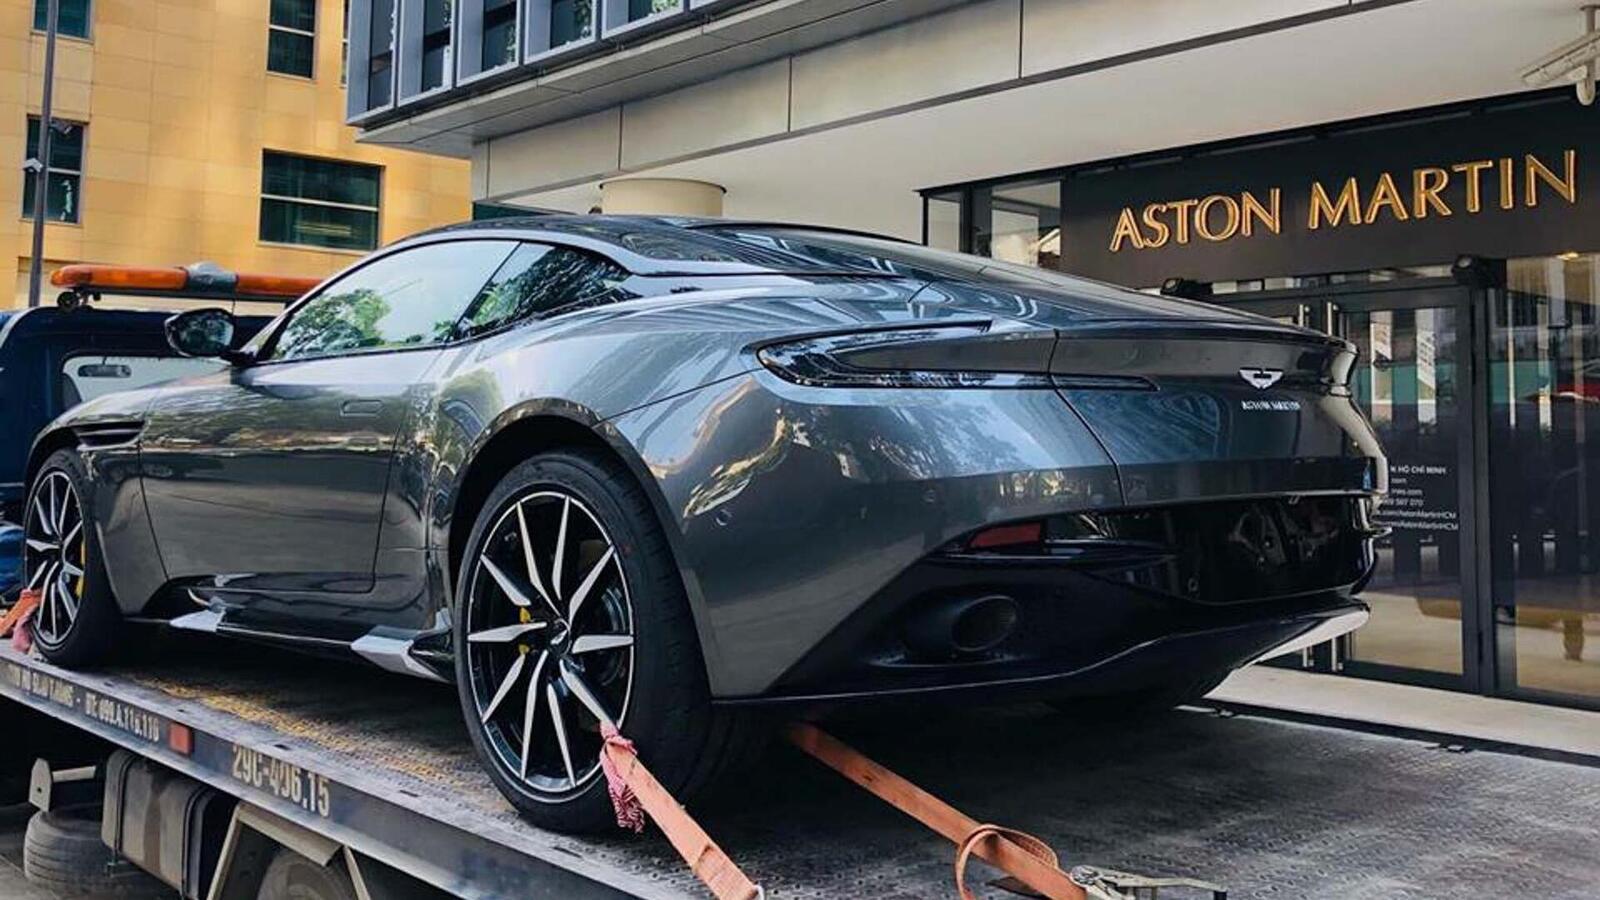 Siêu xe Aston Martin DB11 về Việt Nam; xe nhập chính hãng - Hình 1